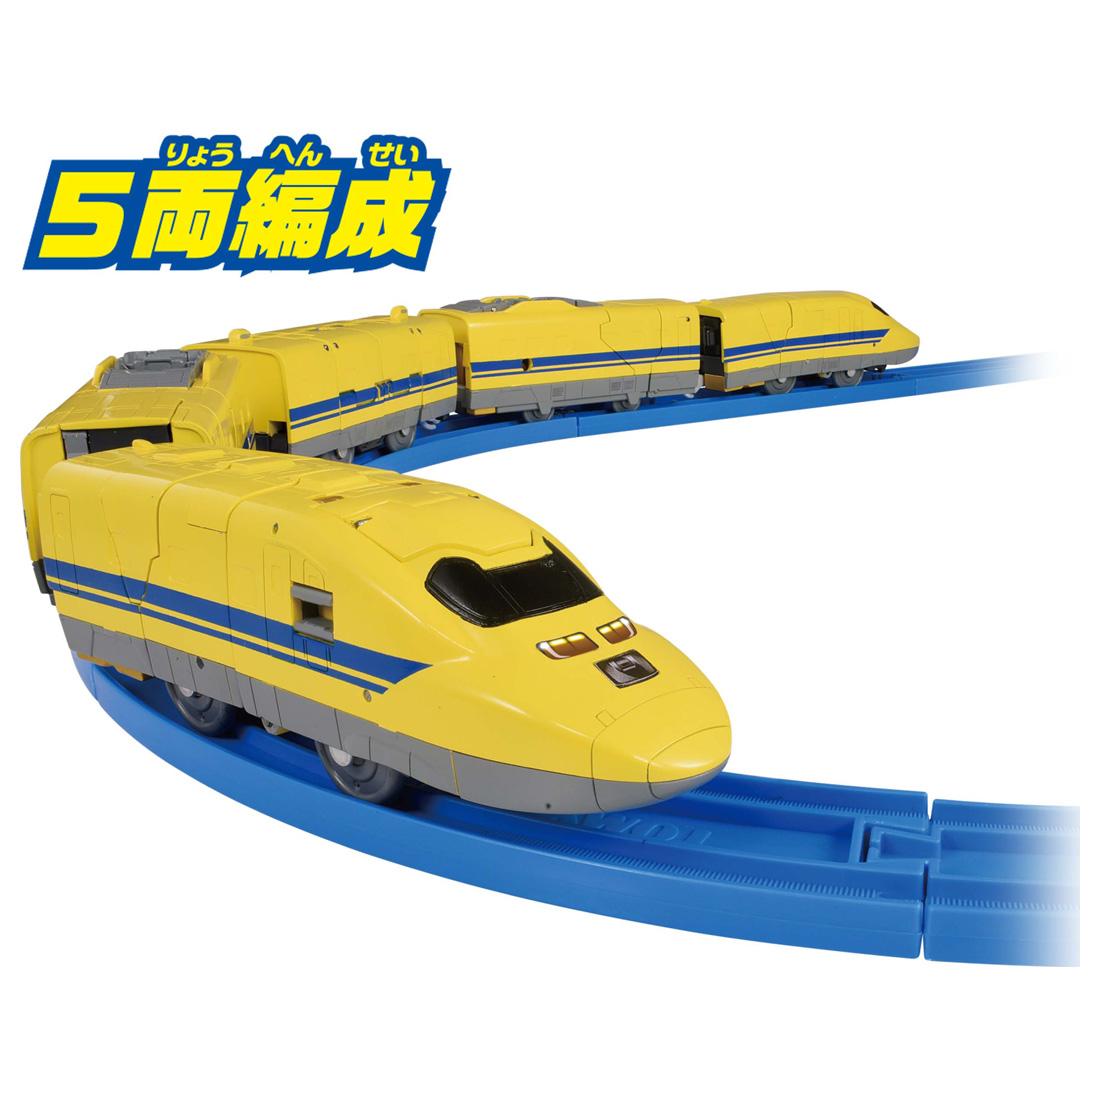 新幹線変形ロボ シンカリオン『DXS11 シンカリオン ドクターイエロー』可変可動プラレール-009